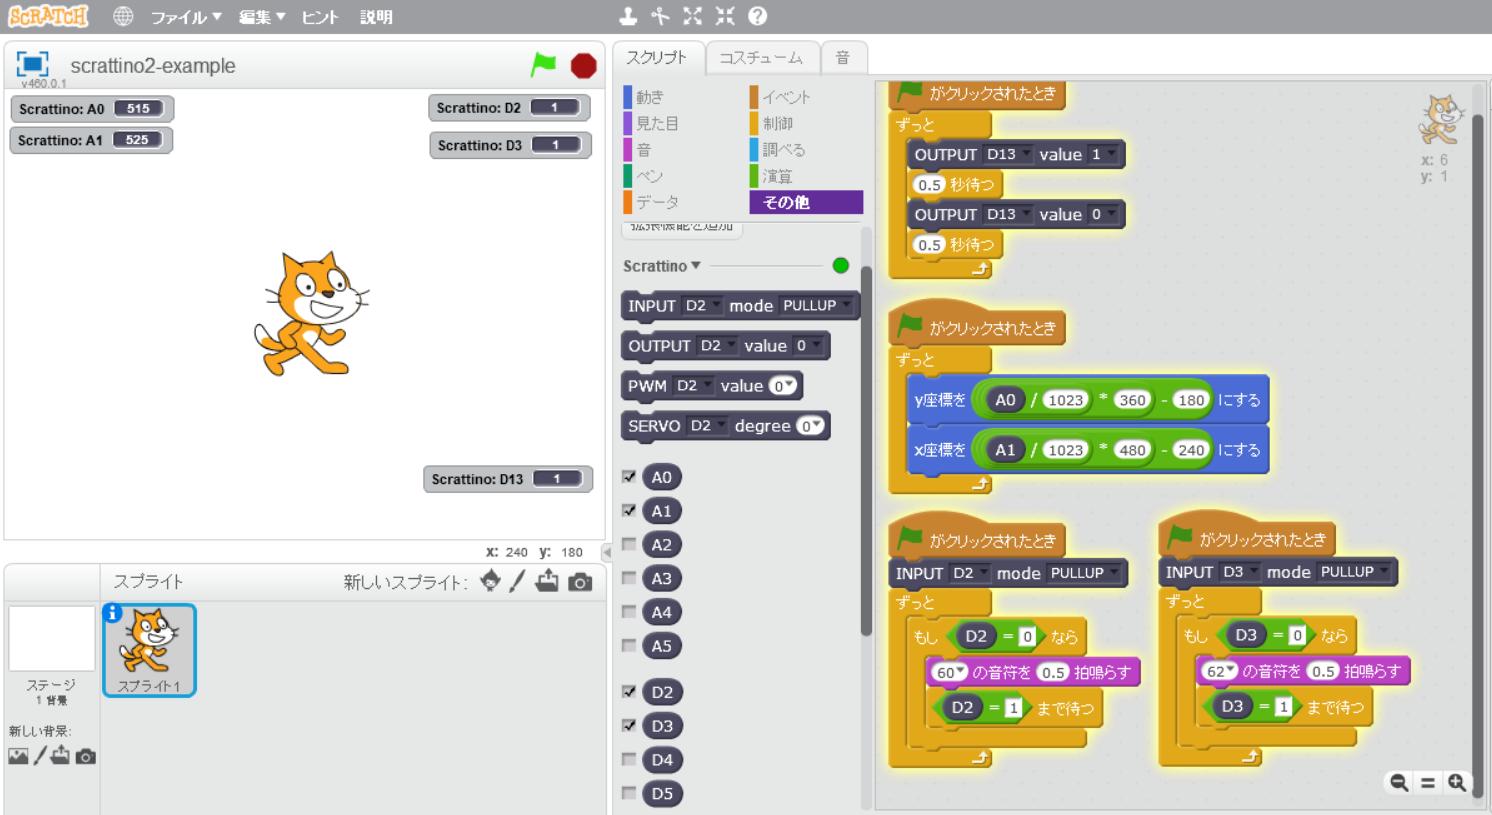 Scratch(スクラッチ)とArduino(アルデュイーノ)をScrattino2でつないでプログラミング